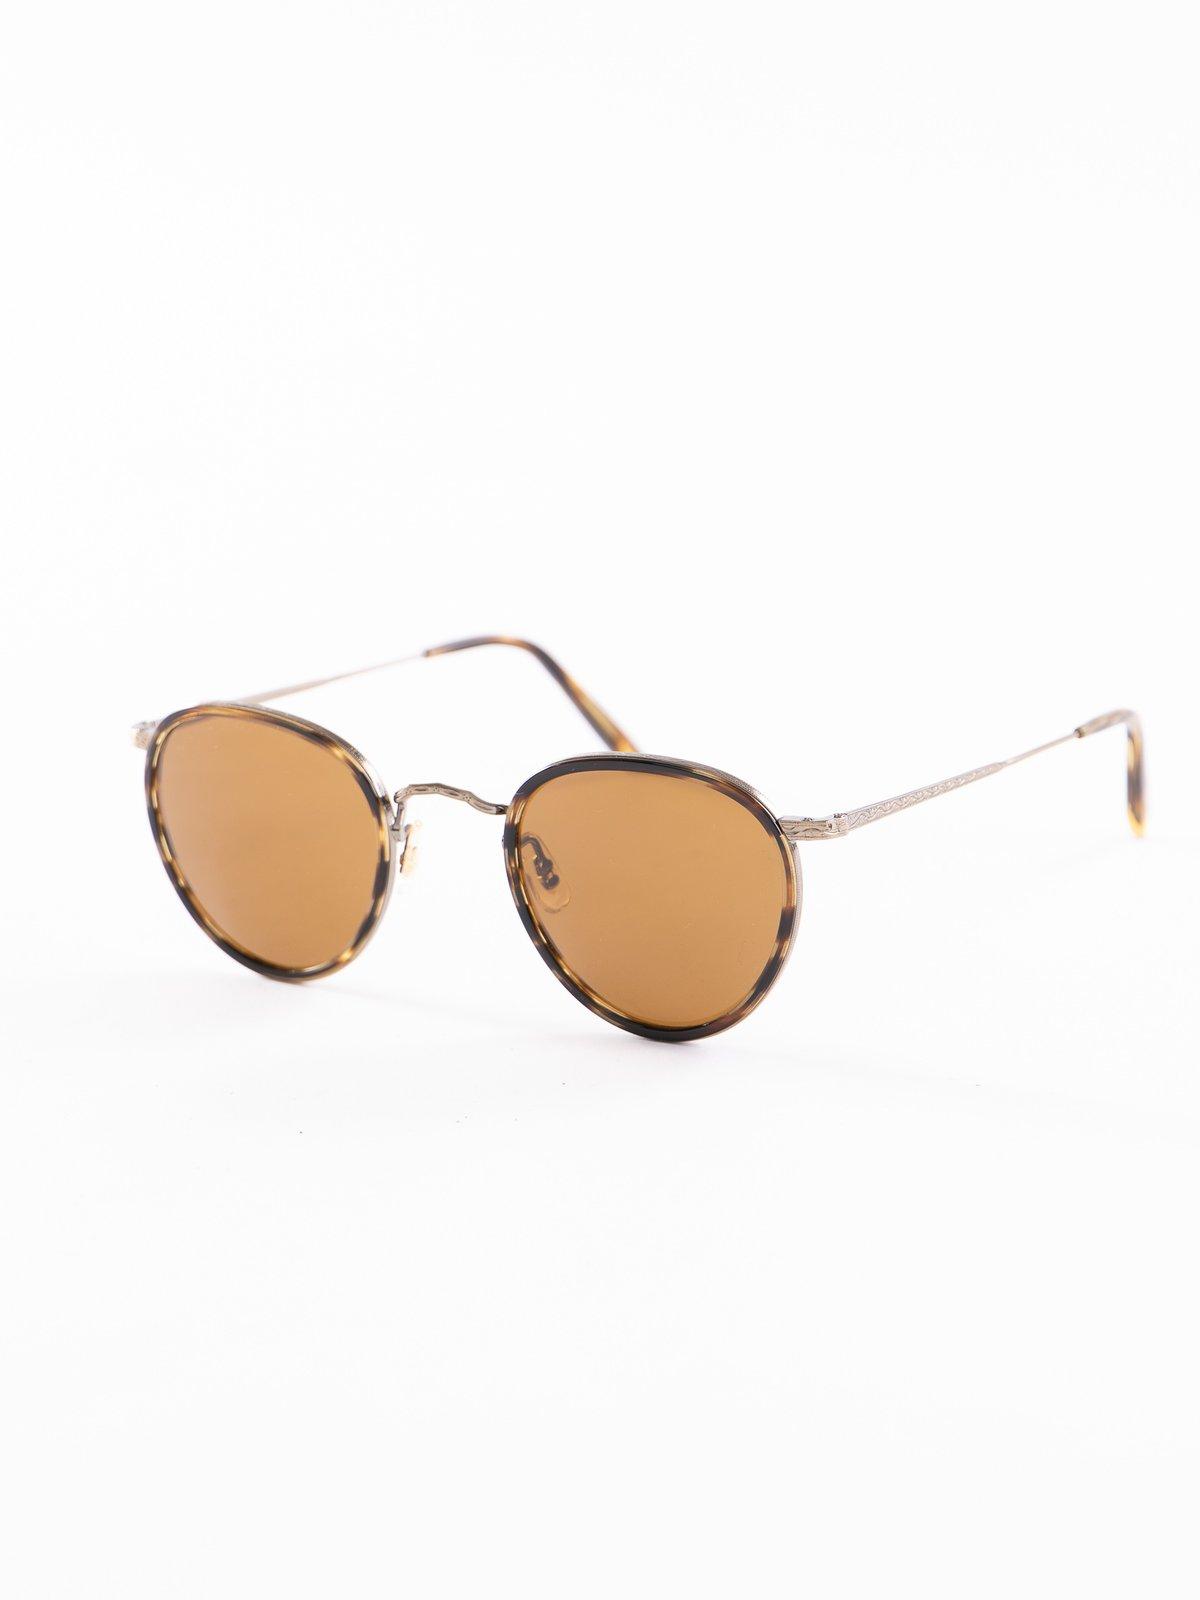 Cocobolo–Antique Gold/Brown MP–2 Sunglasses - Image 2